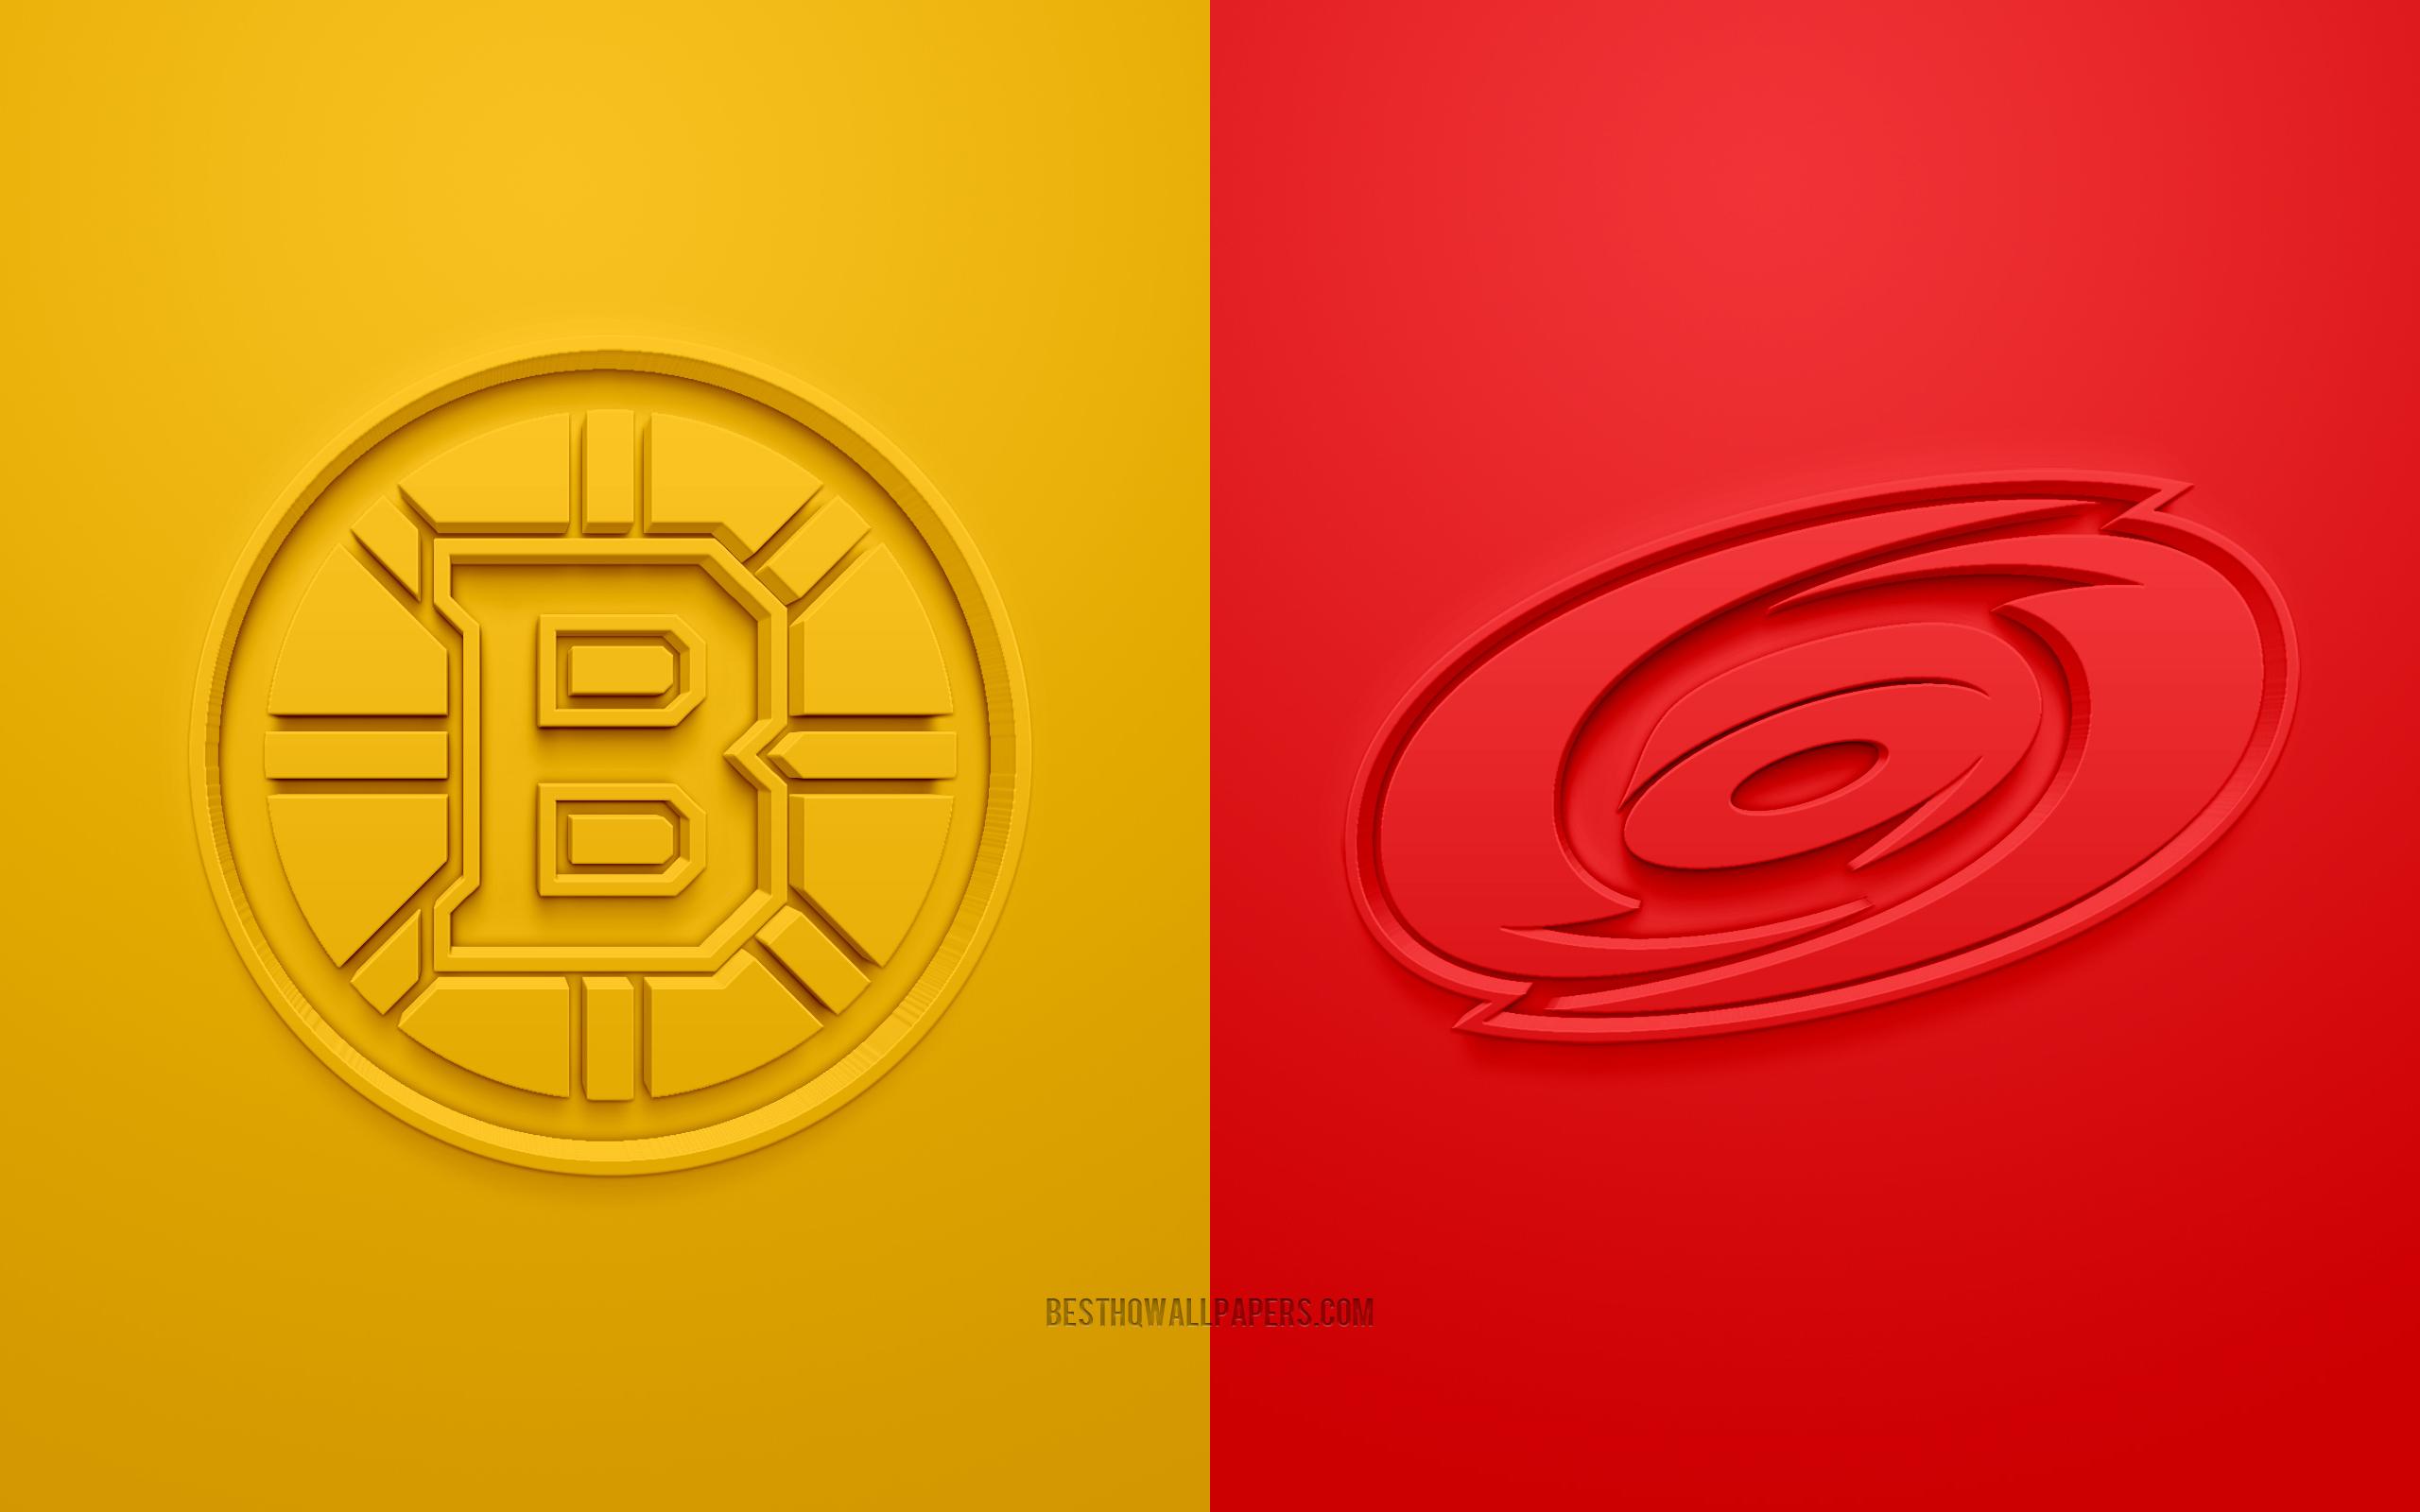 Boston Bruins Vs Calgary Flames Nhl Usa Hockey Match 2560x1600 Wallpaper Teahub Io